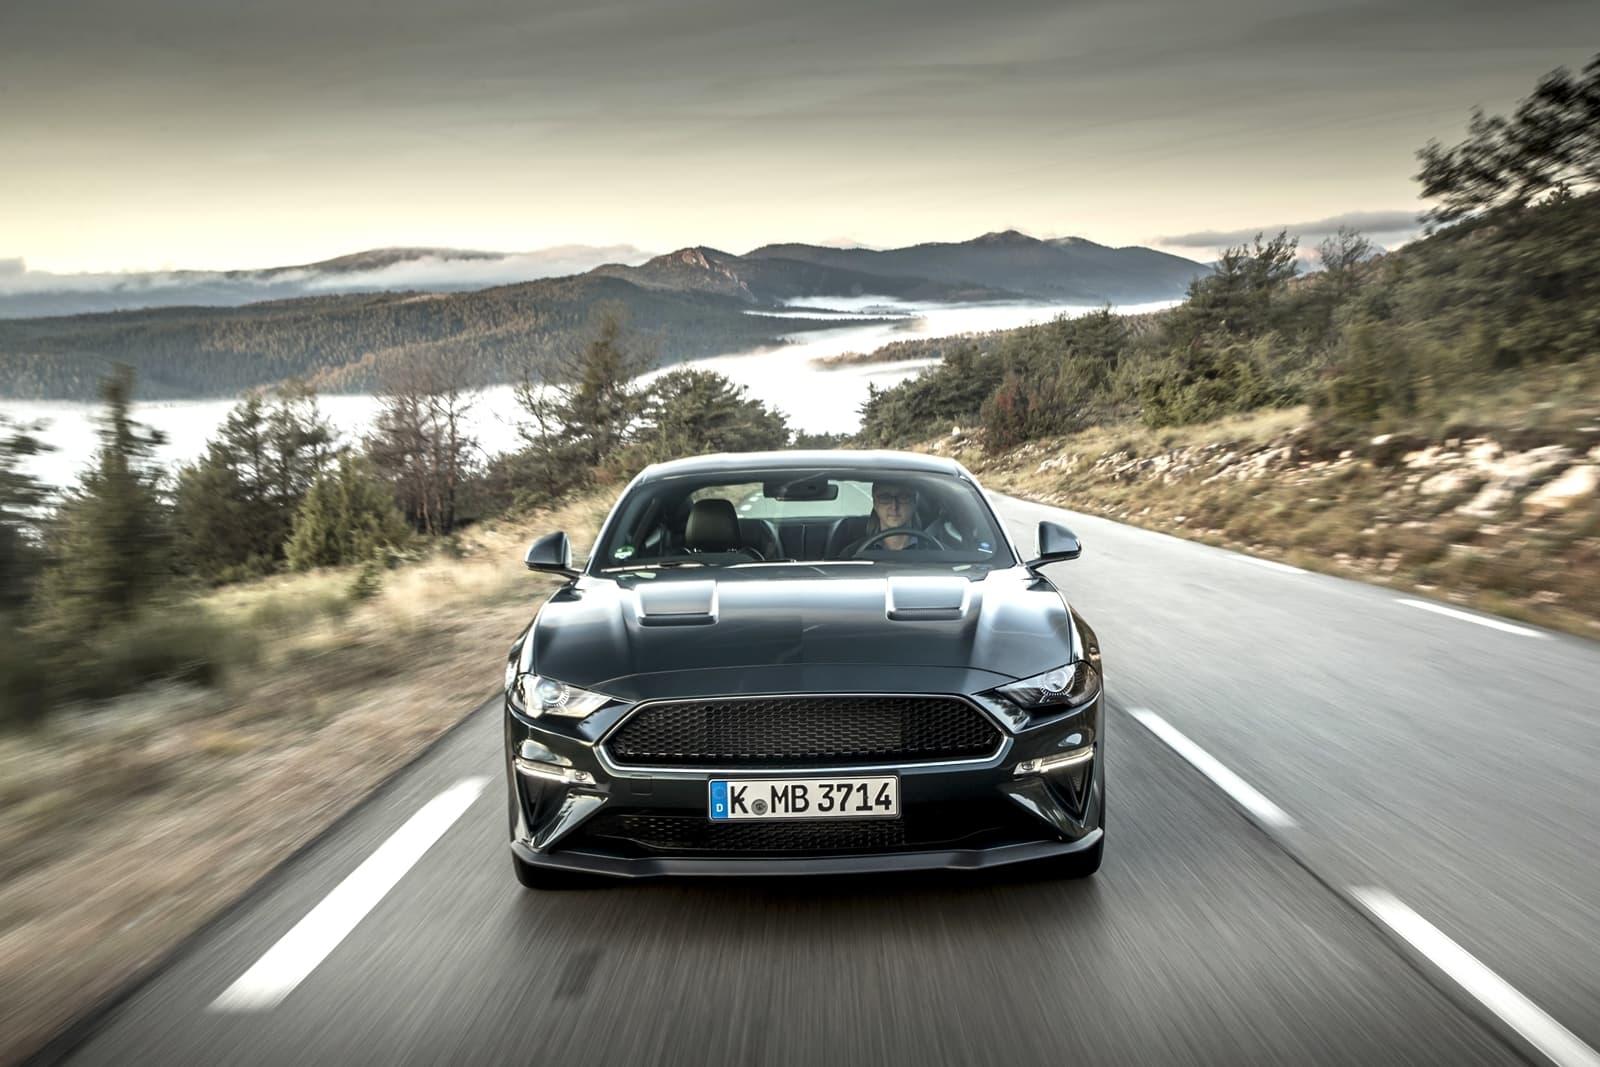 Ford Mustang Bullitt 2018 1018 037